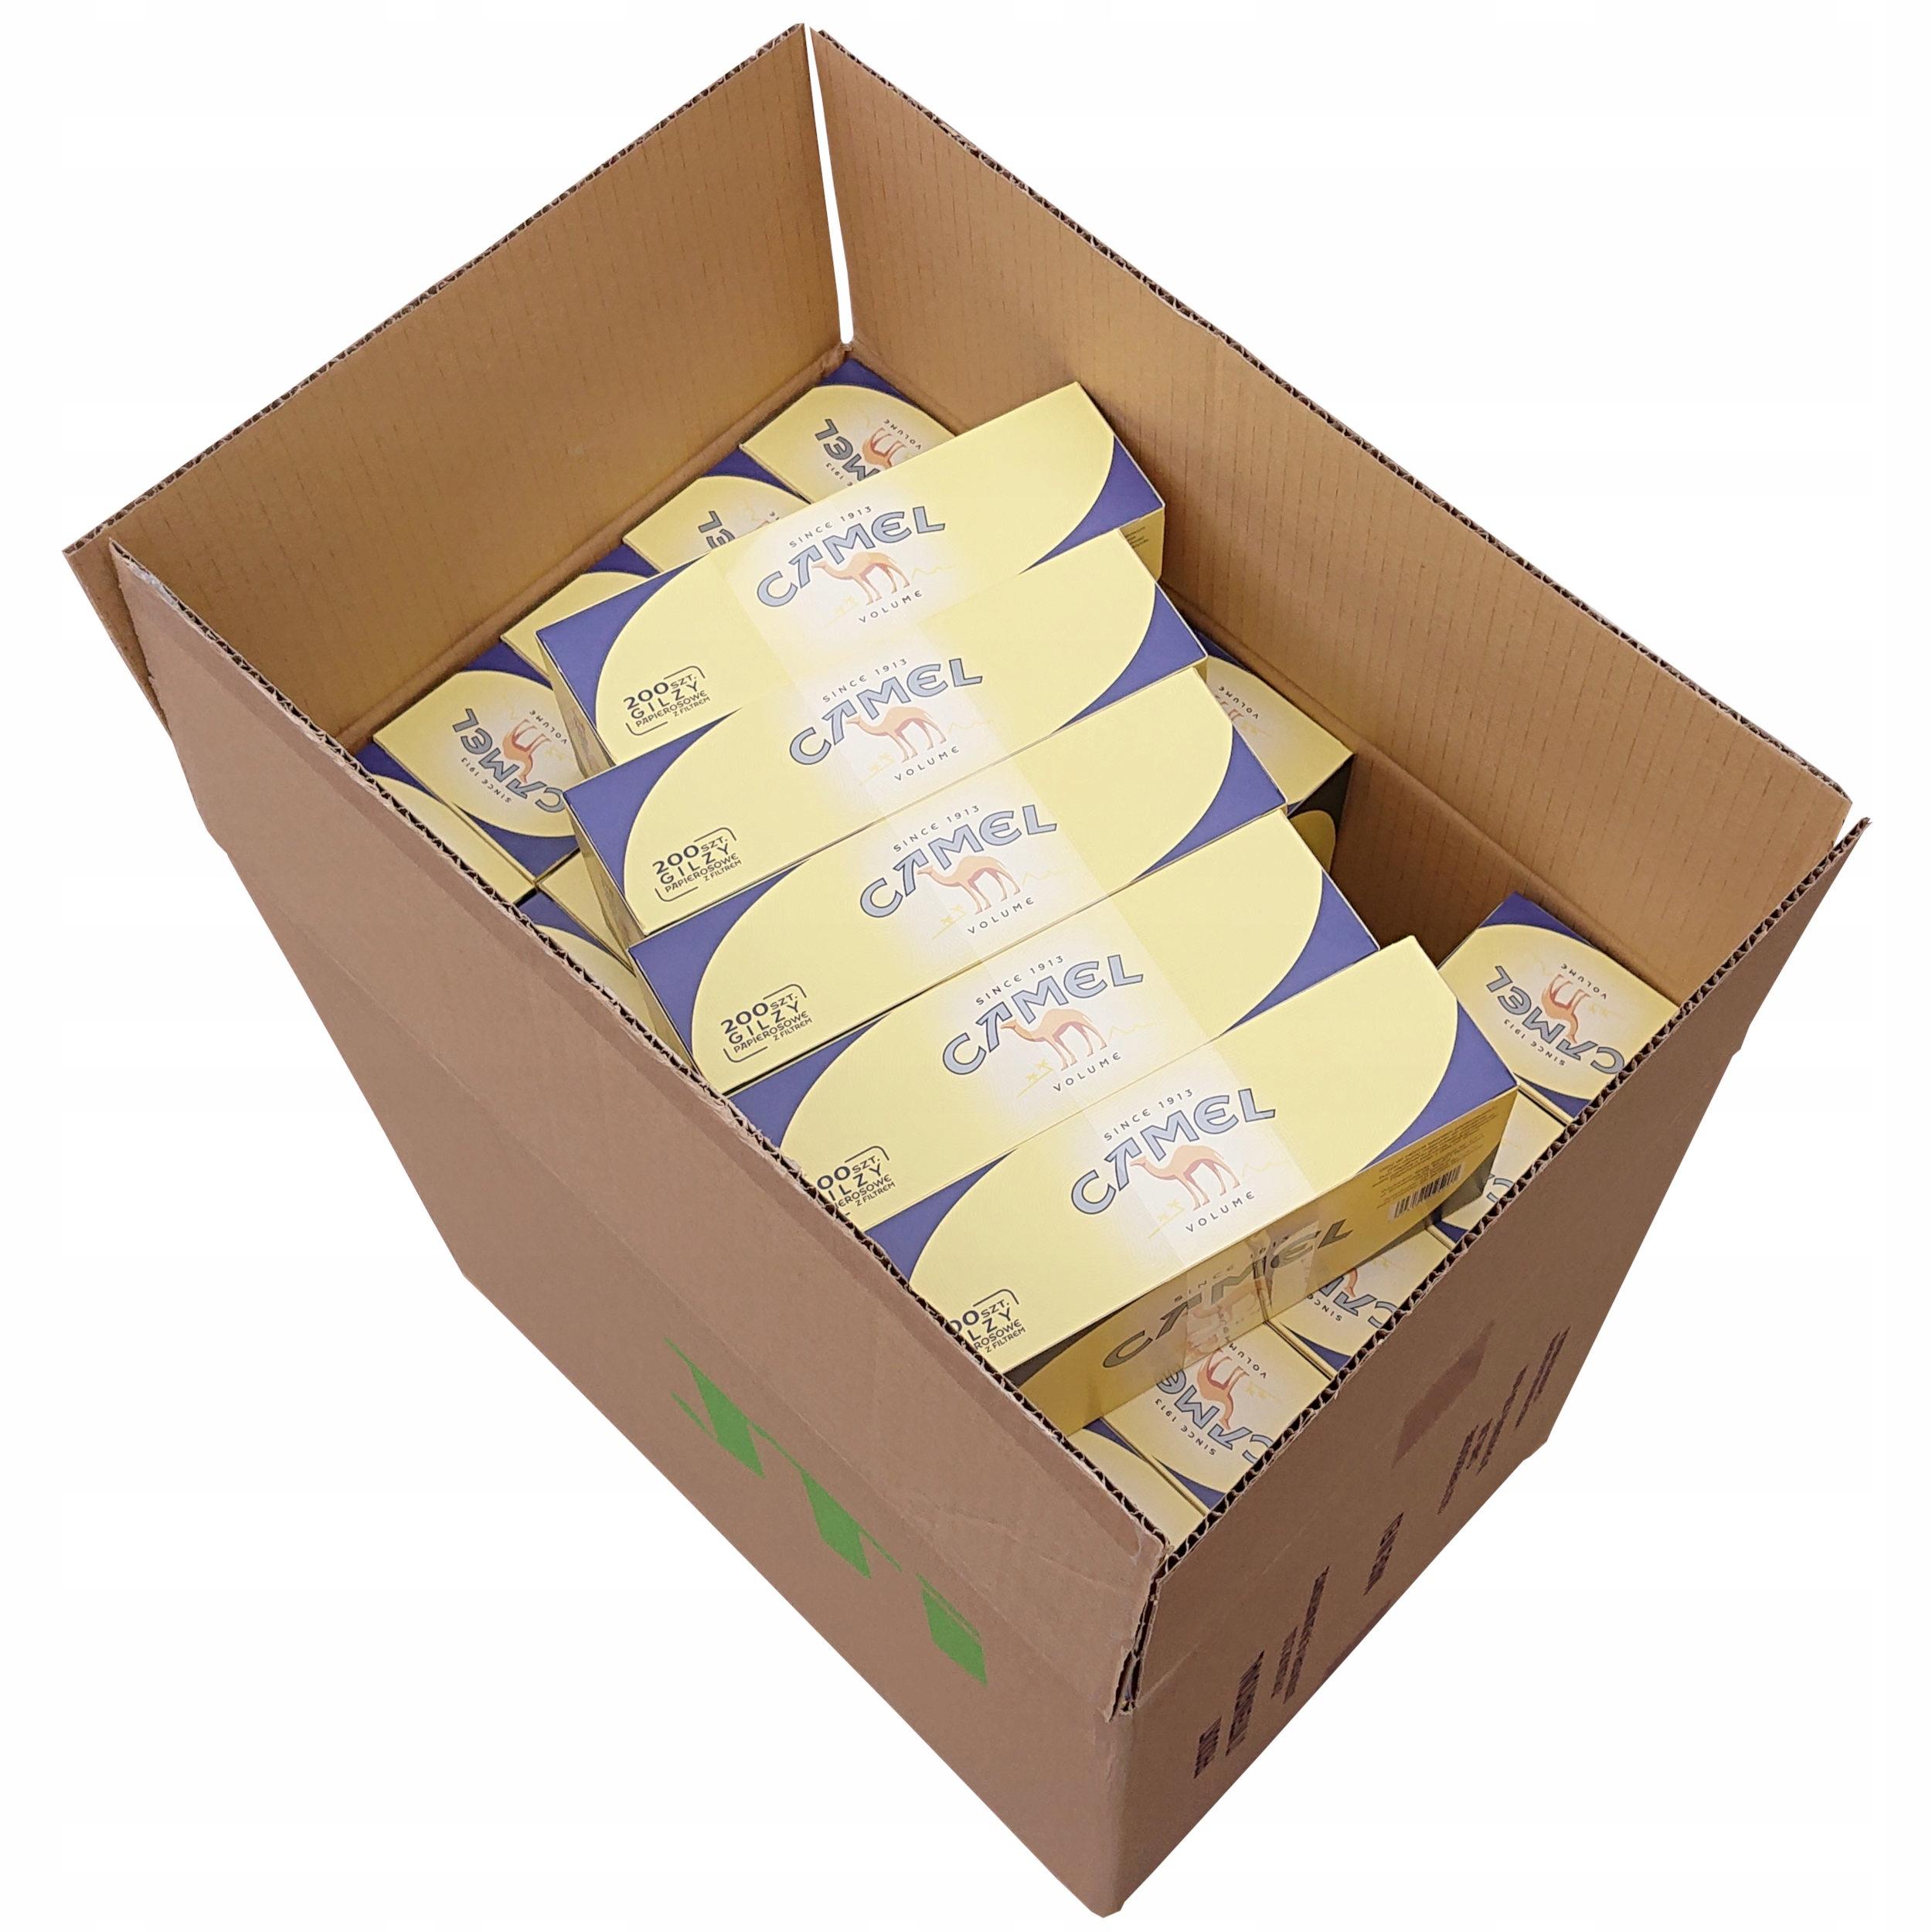 50 трубок Camel 200 шт для желтых сигарет